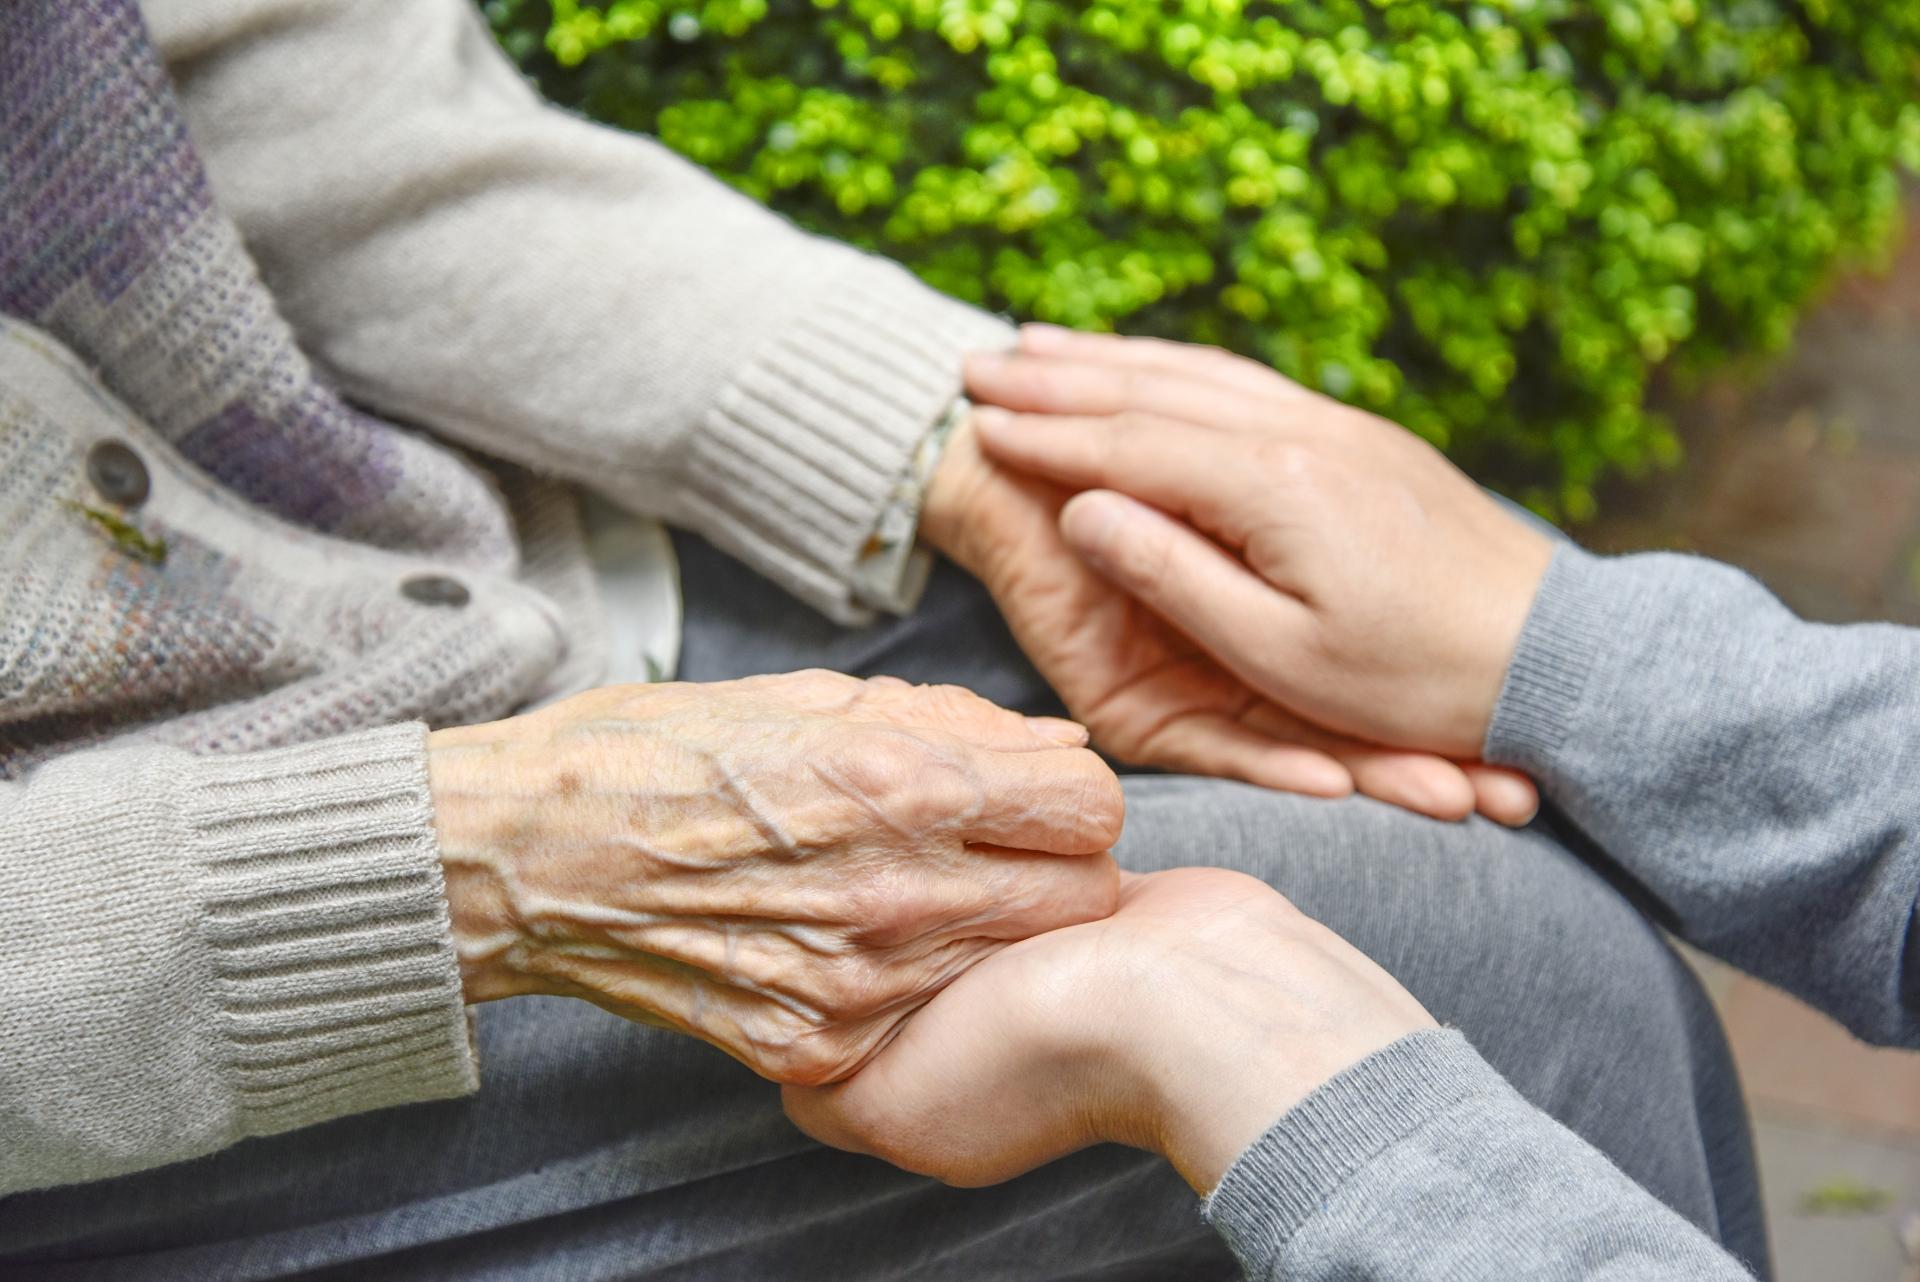 お年寄りを敬い、長寿を祝う「敬老の日」 -世界では? 何歳から?-